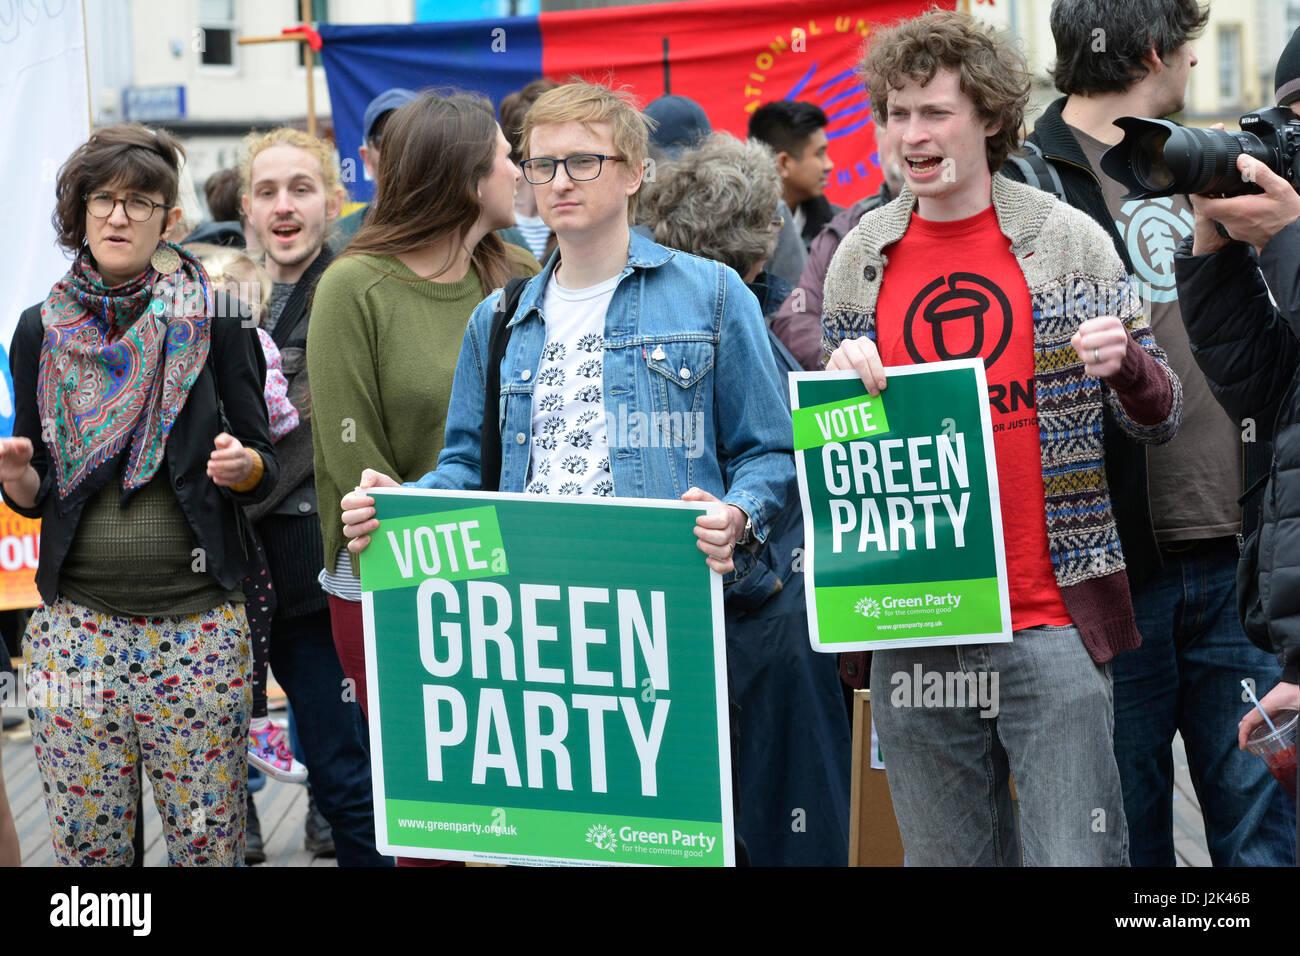 Bristol, Reino Unido. 29 abr, 2017. 1 big demo del ala izquierda de los activistas conservadores la celebración Imagen De Stock